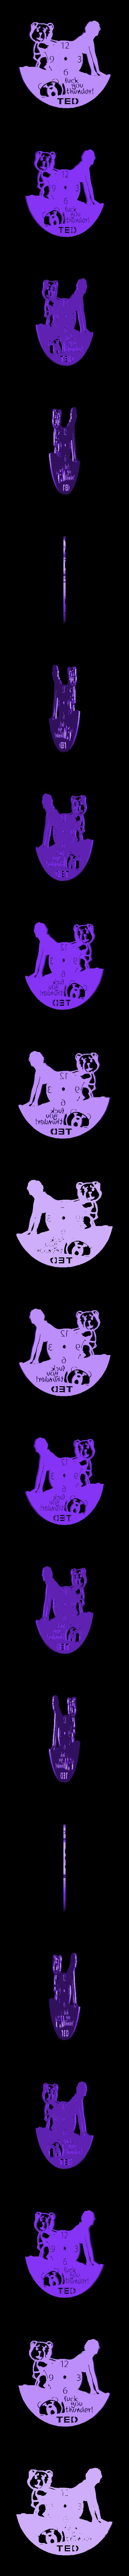 ted_reloj_216x197x2.stl Télécharger fichier STL gratuit Reloj Ted • Plan pour imprimante 3D, 3dlito